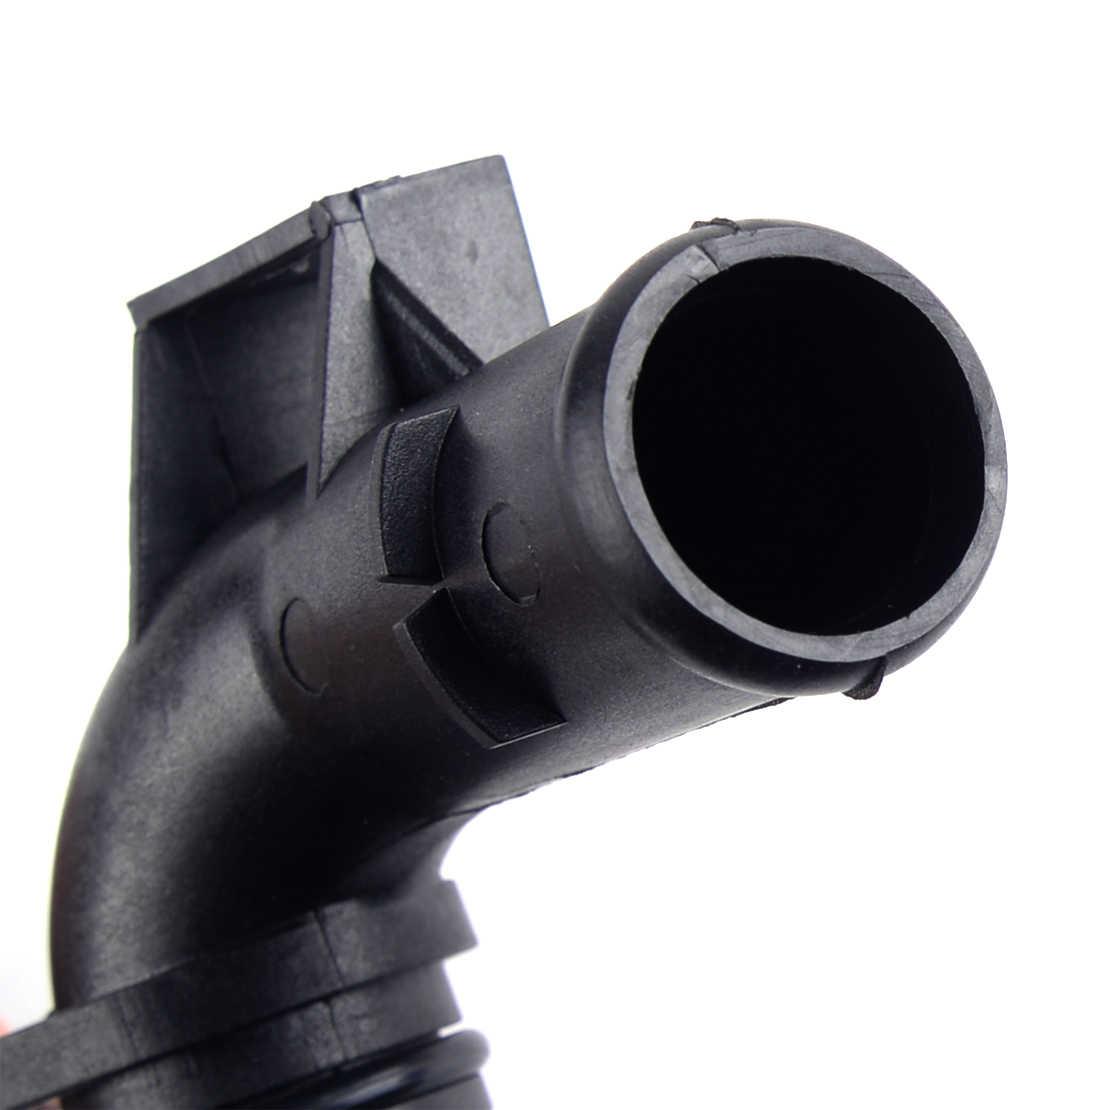 Enfriador de aceite para tubería de agua de motor de plástico negro beler para culata A 2712001352 compatible con Mercedes C230 W203 M271